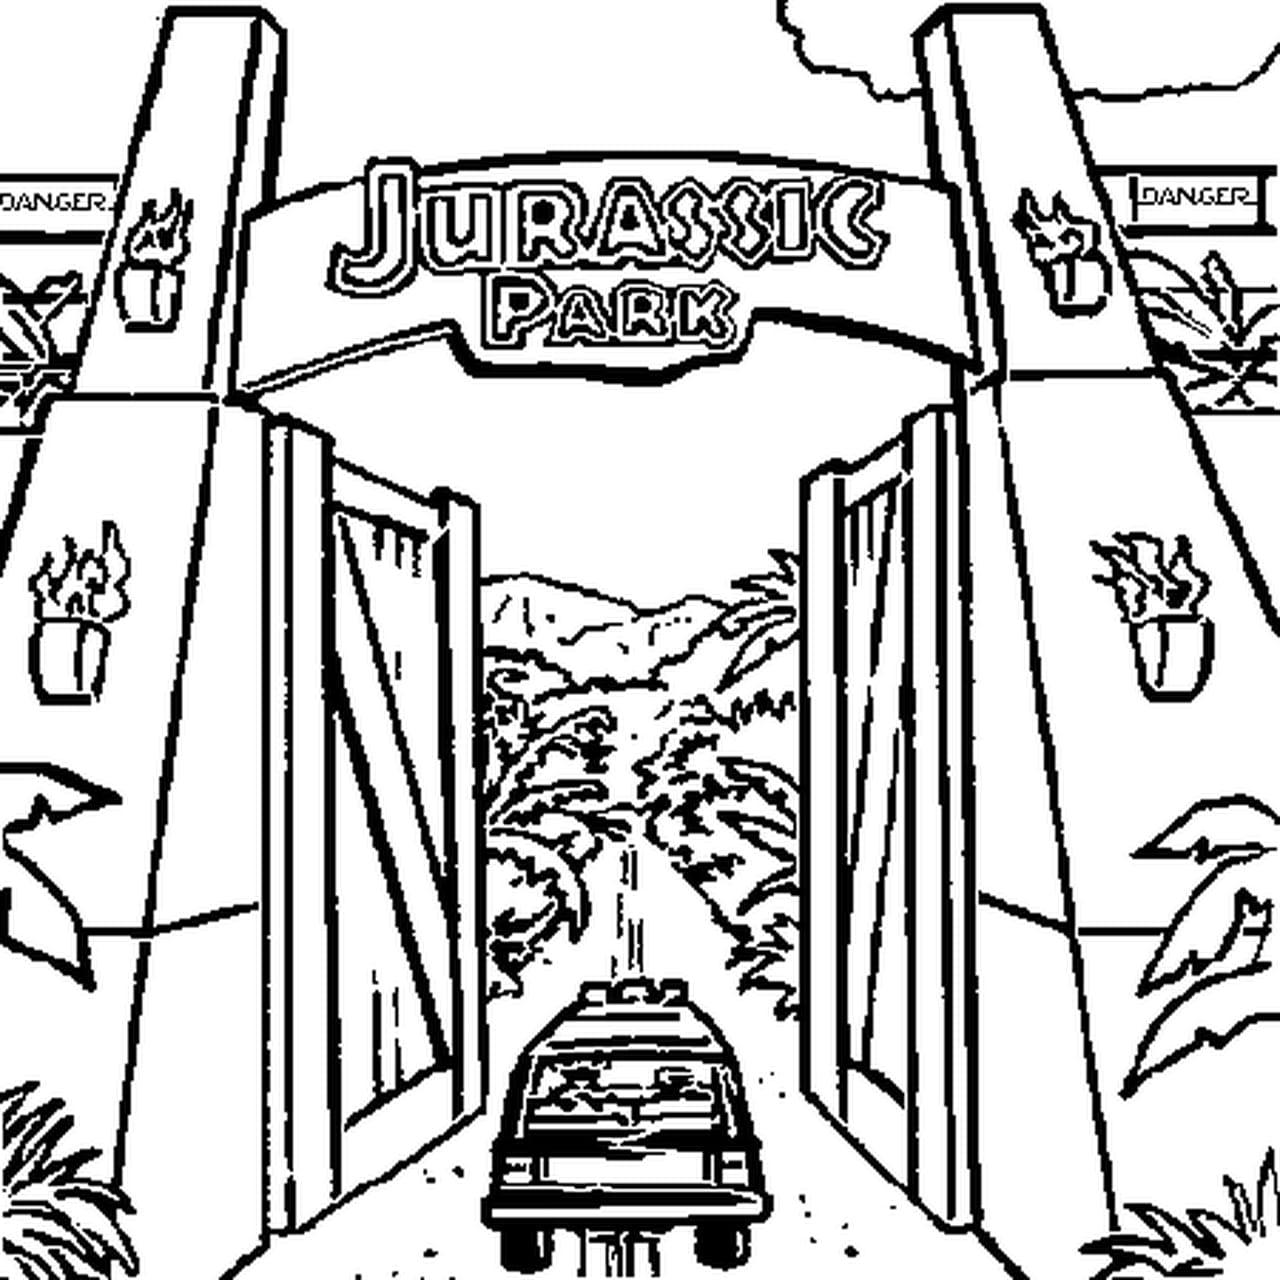 Coloriage Dinosaure Jurassic Park Gratuit A Imprimer.Coloriage Jurassic Park En Ligne Gratuit A Imprimer